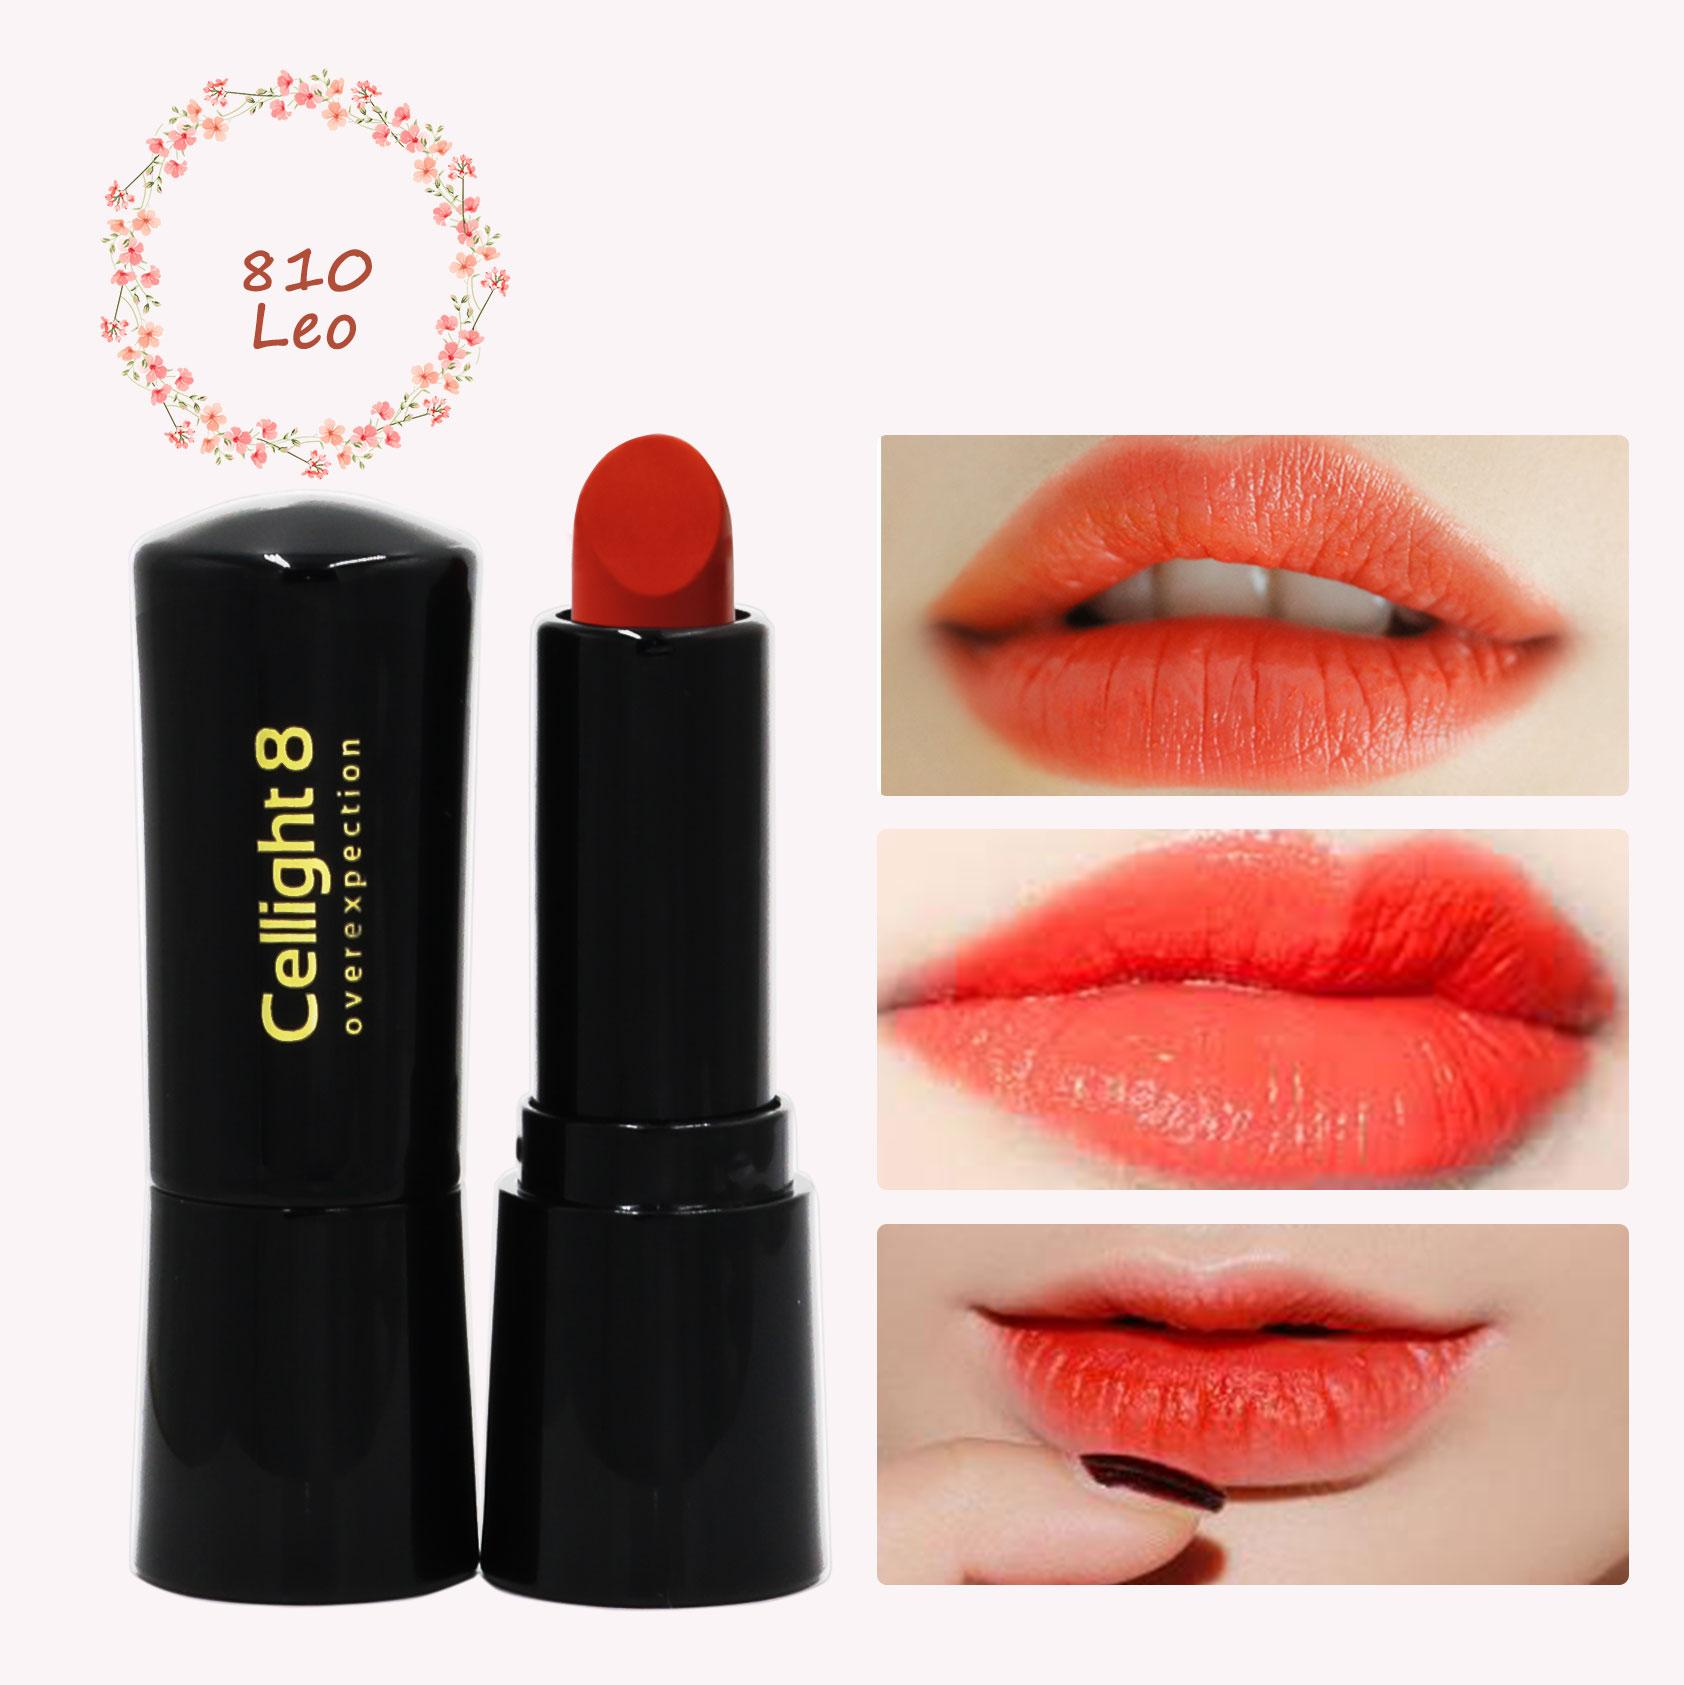 Son môi mini thiên nhiên không chì Cellight 8 Eco Lipstick - 810-Leo - San Hô - (2g) cao cấp